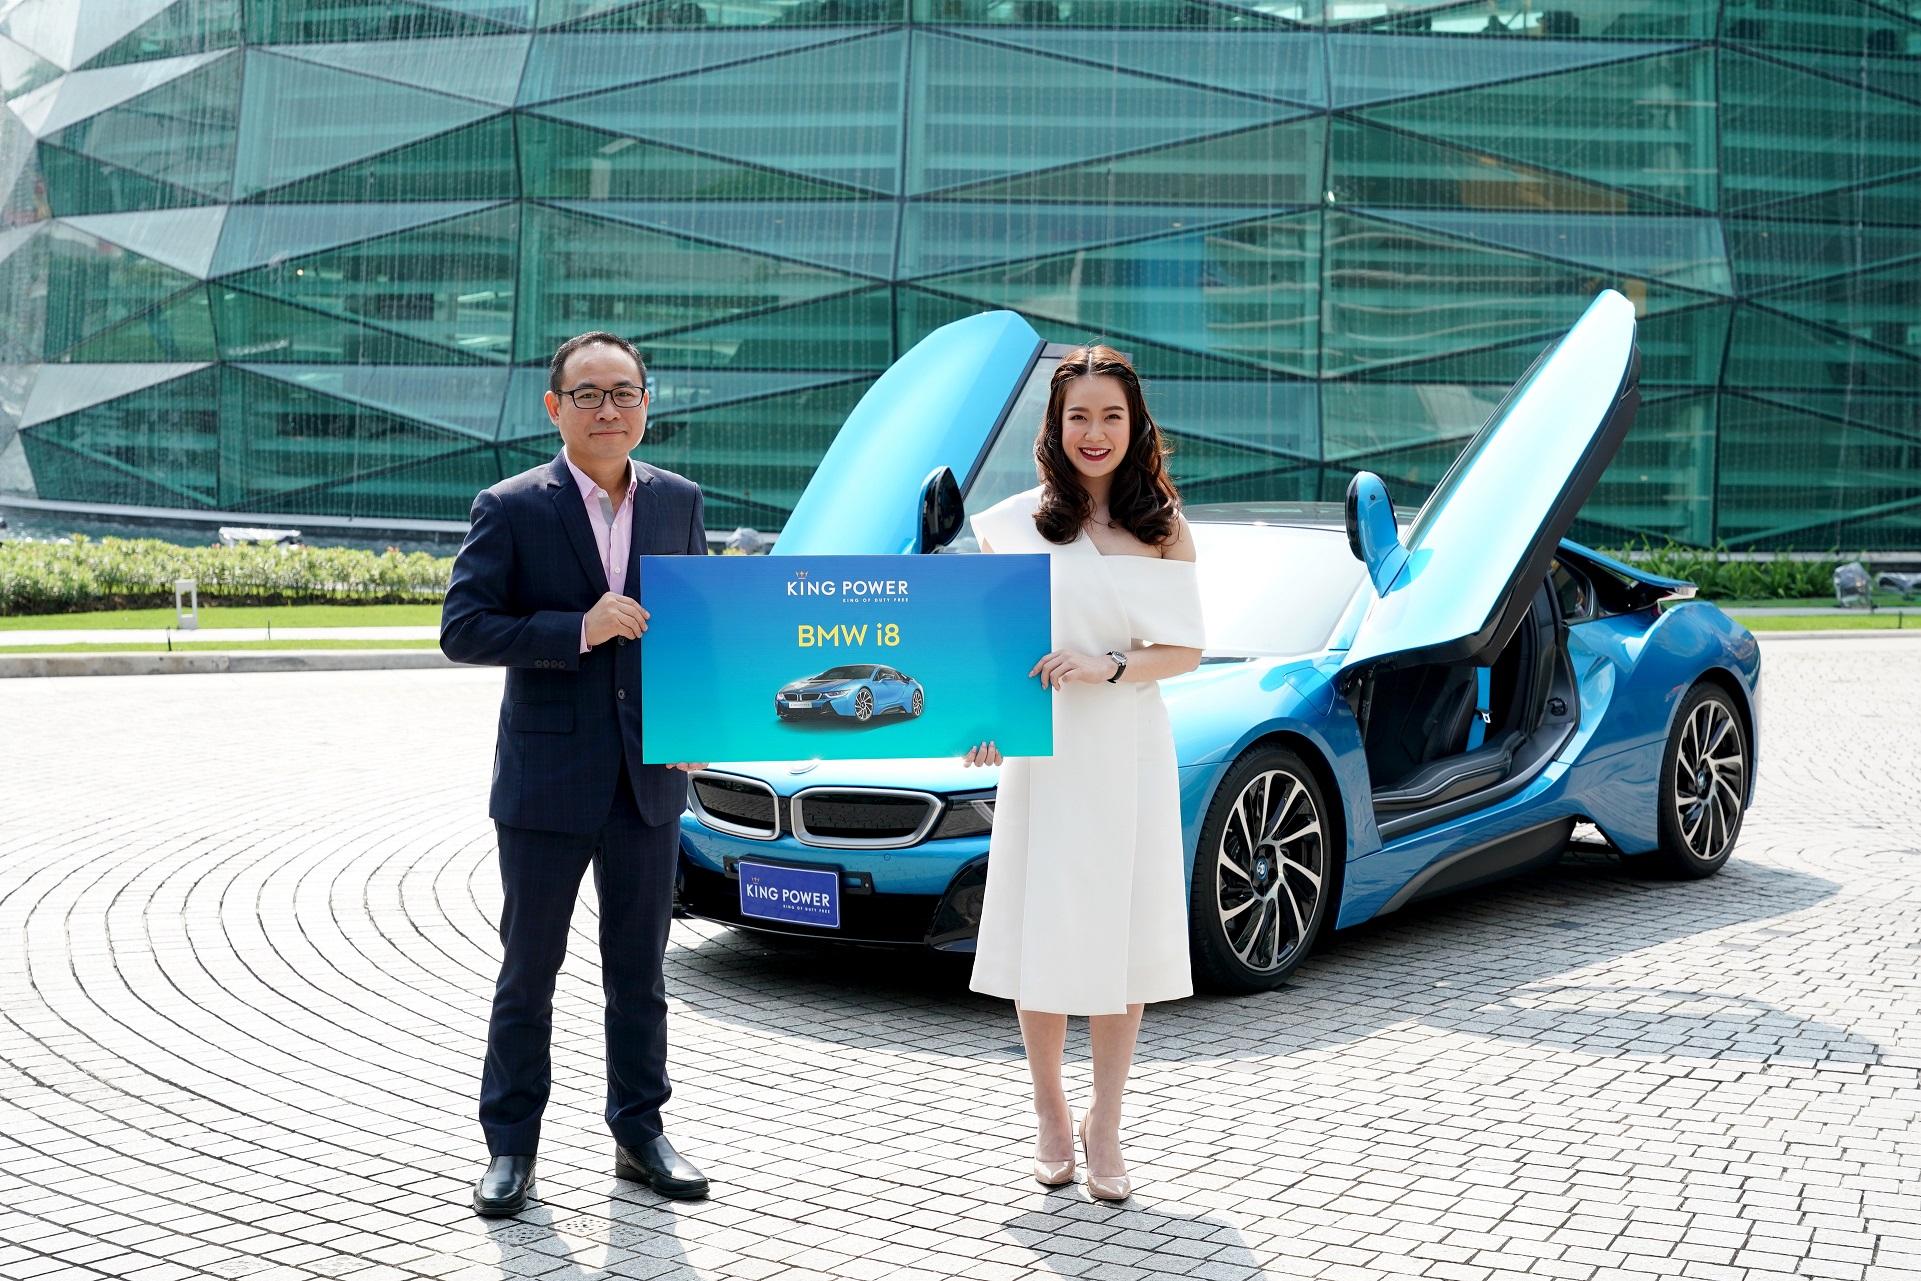 คิง เพาเวอร์ มอบรางวัลรถยนต์หรู BMW i8 ให้แก่ลูกค้าผู้โชคดี